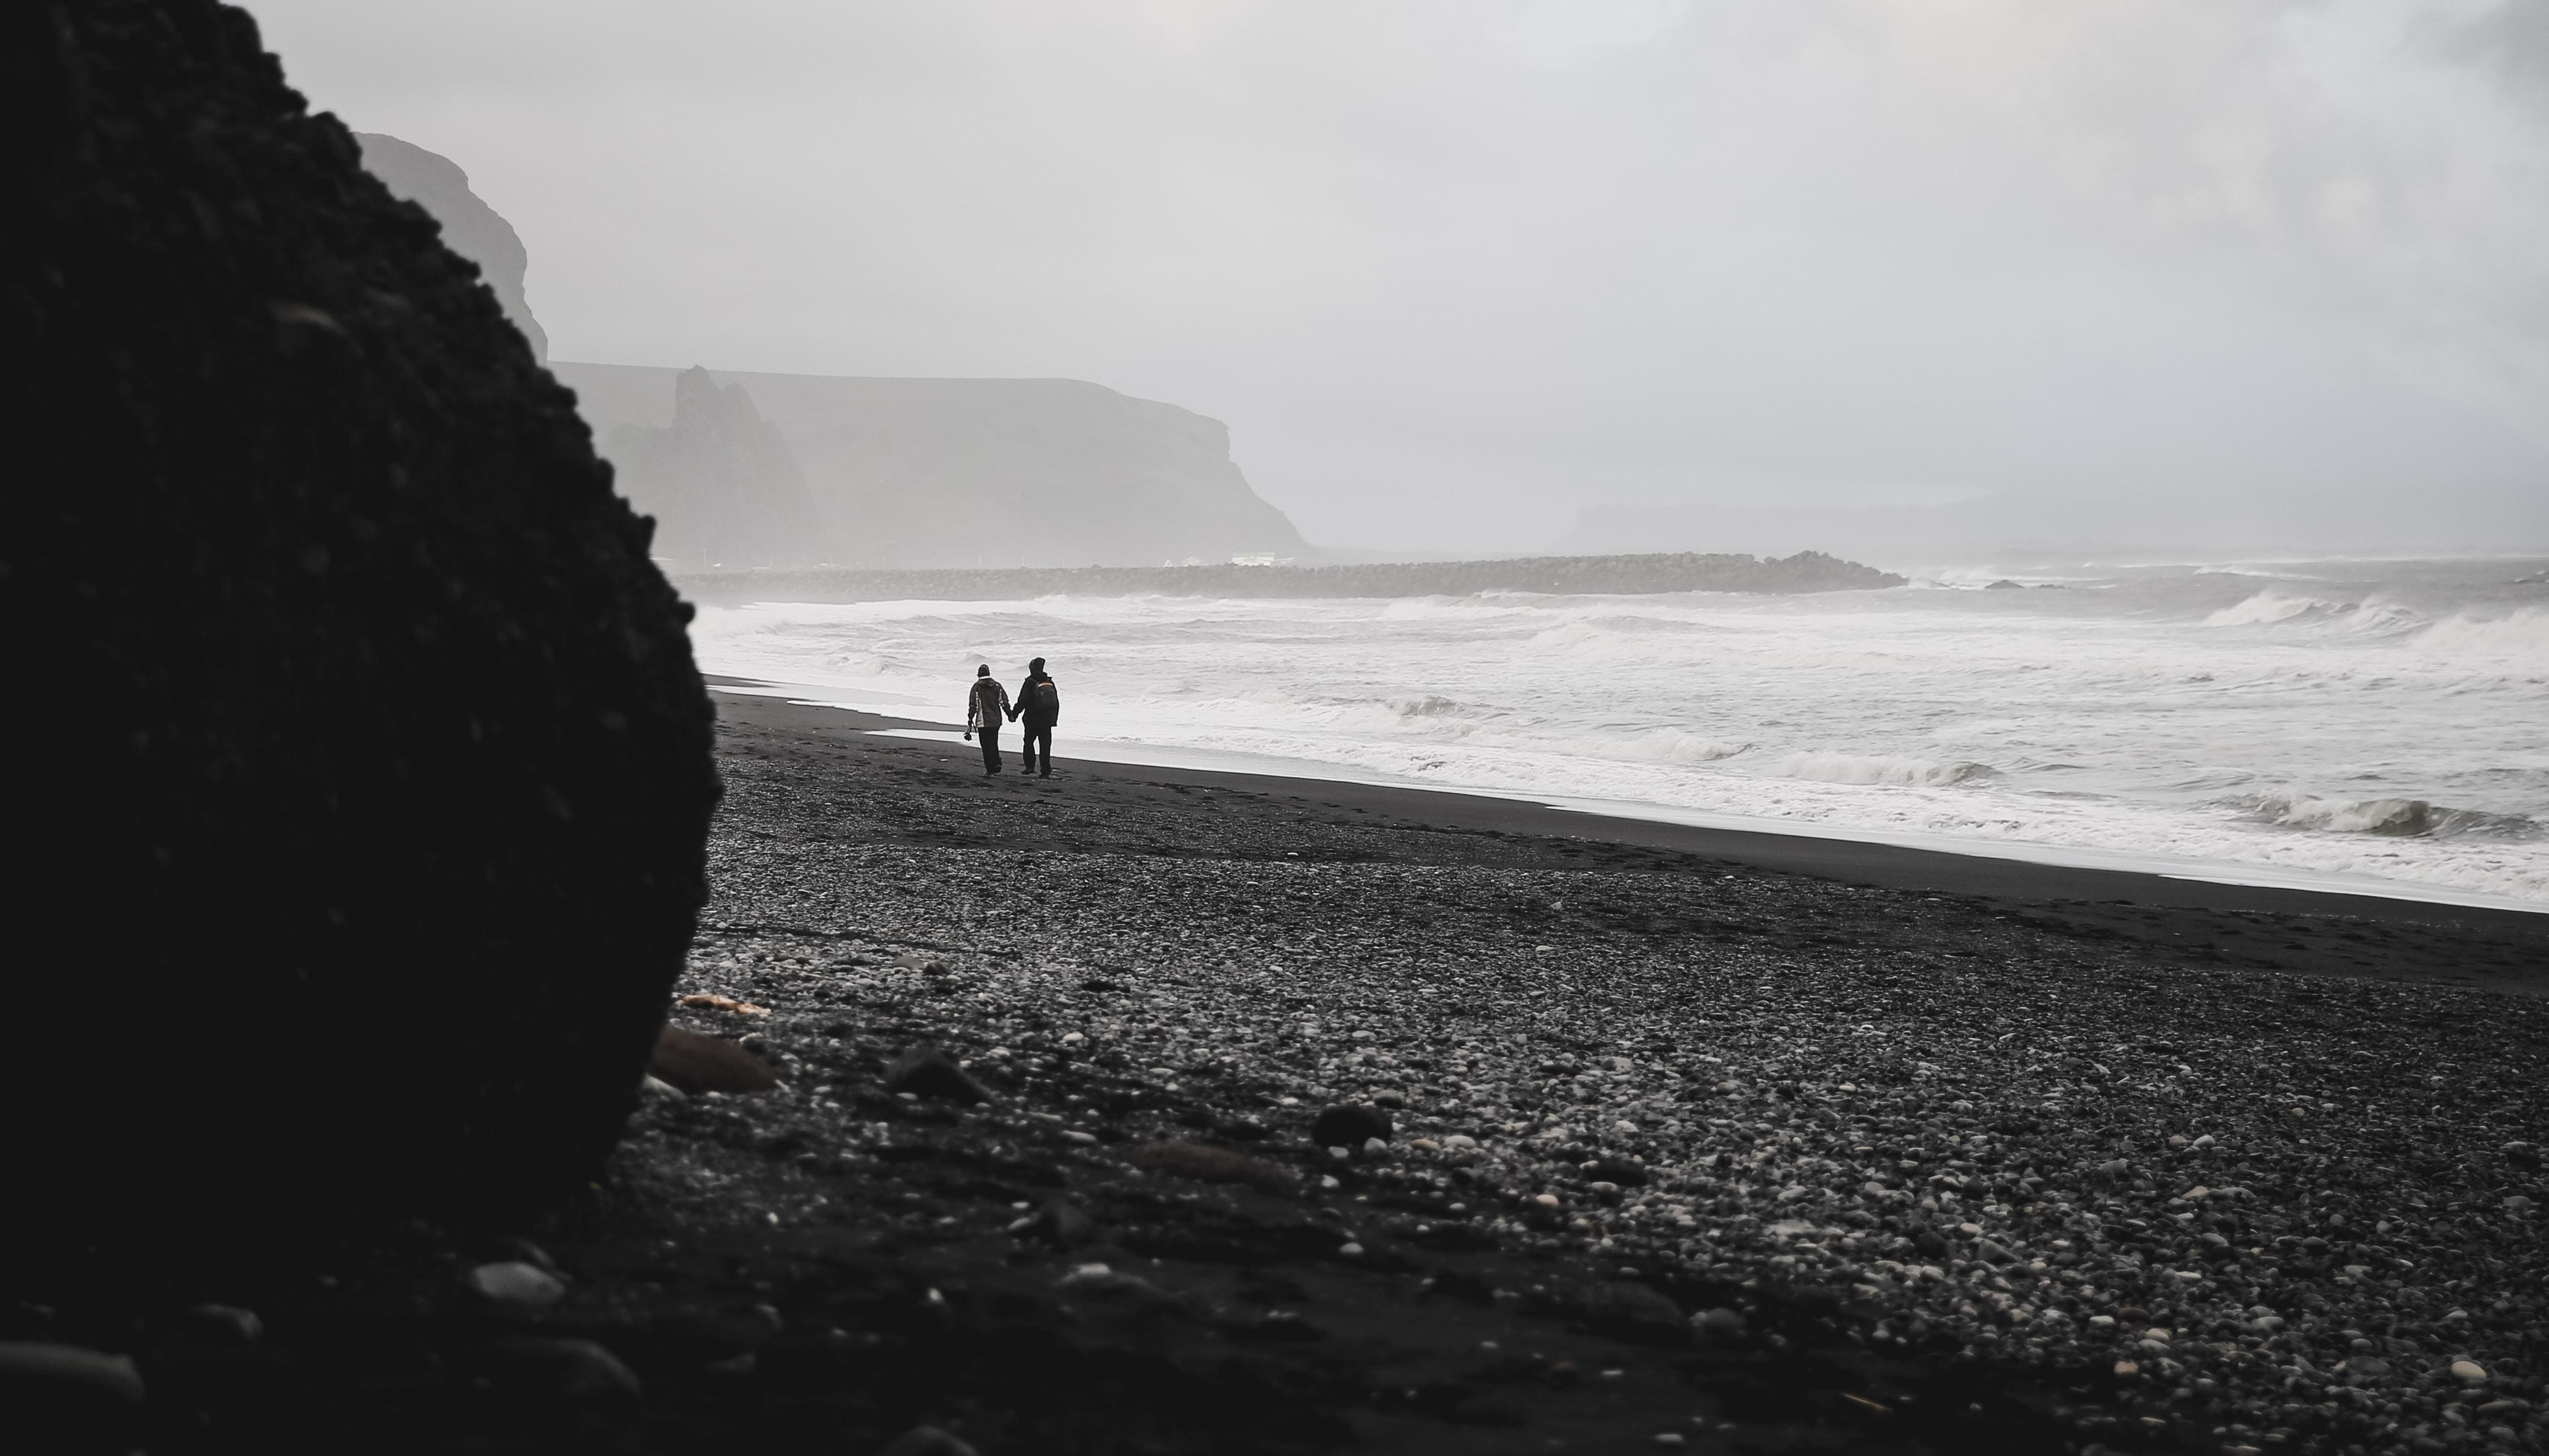 two person walking on shoreline near black rock